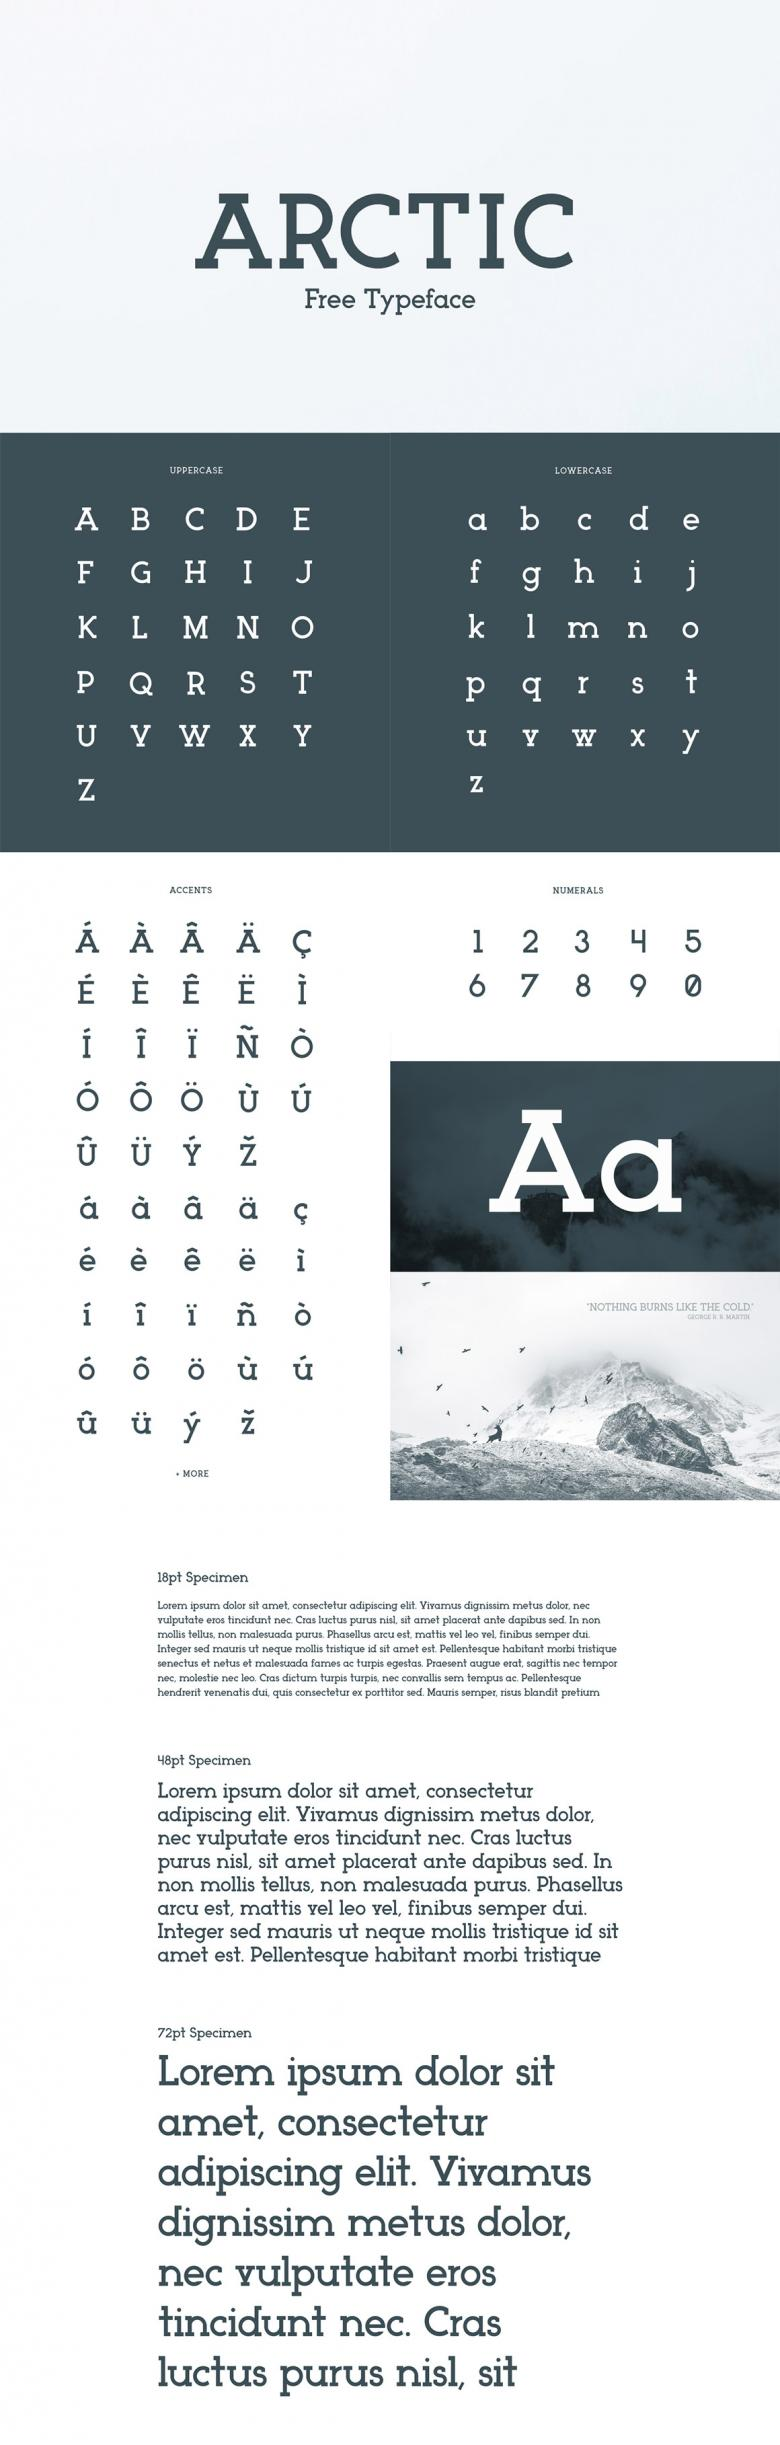 Arctic - Free Typeface